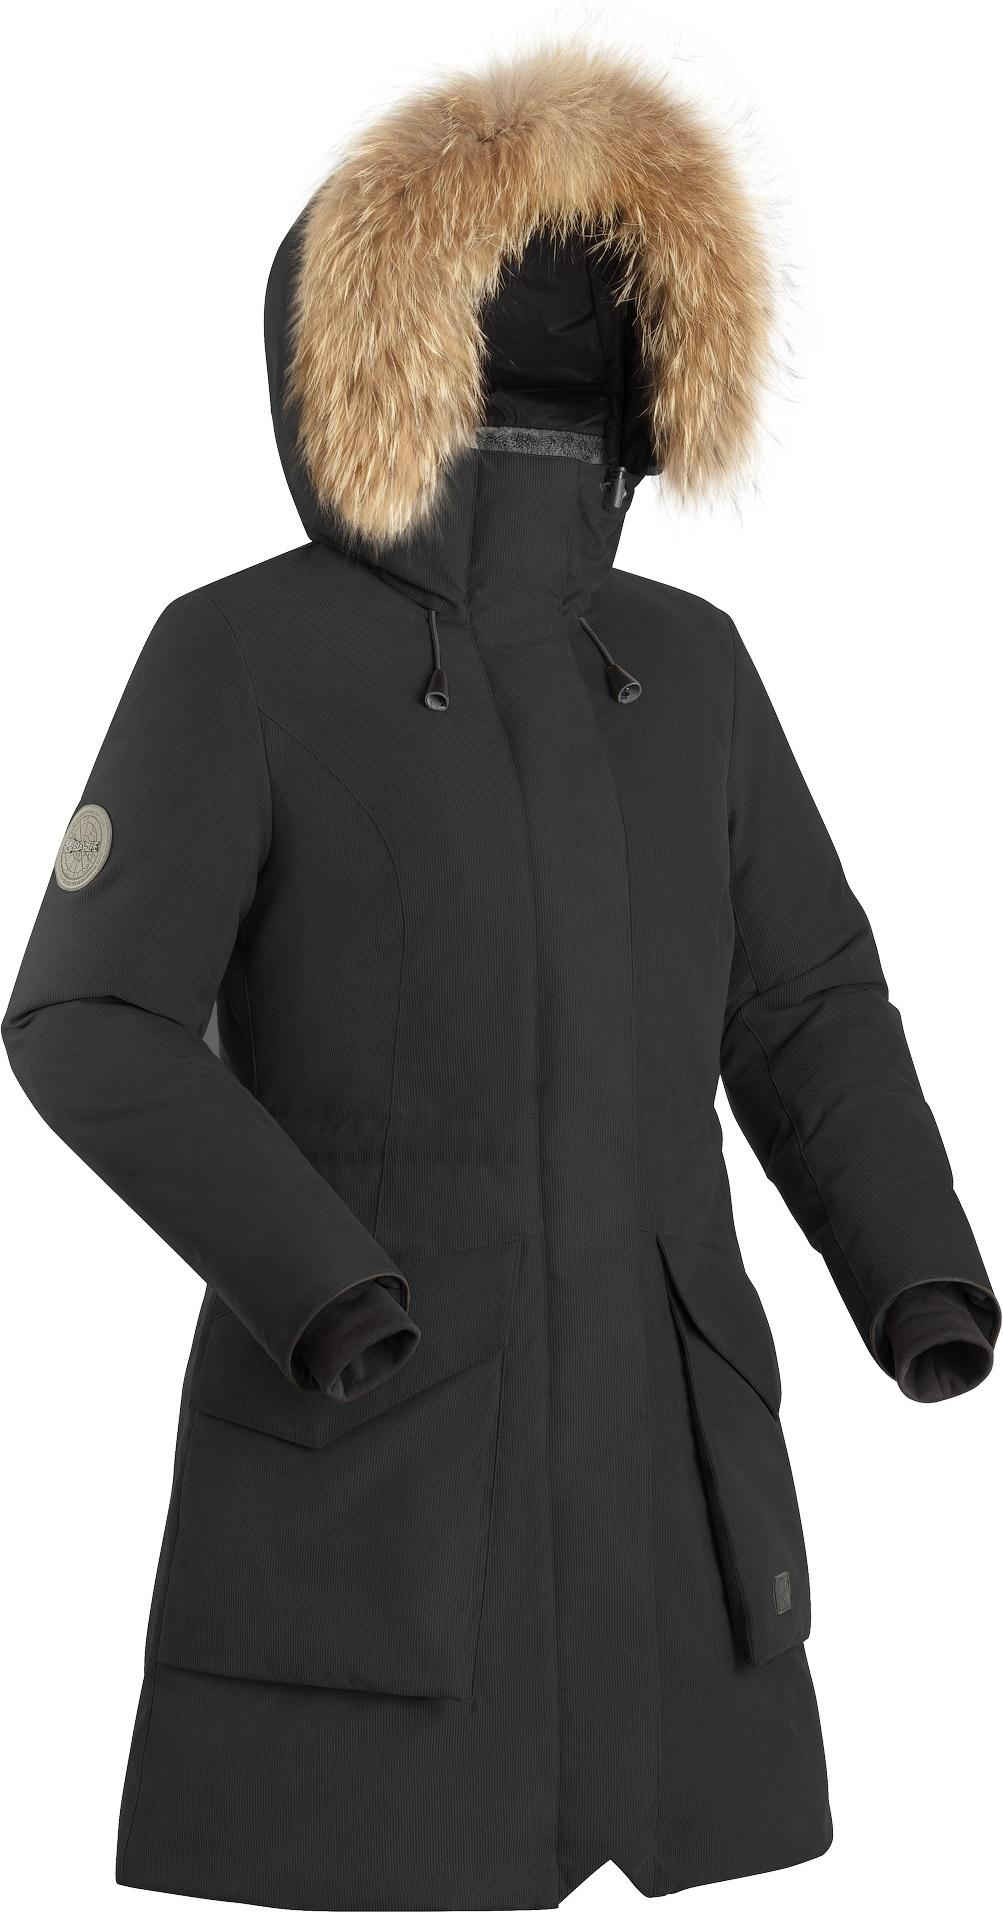 Пальто пуховое женское BASK VISHER черное, Пальто - арт. 1132510409